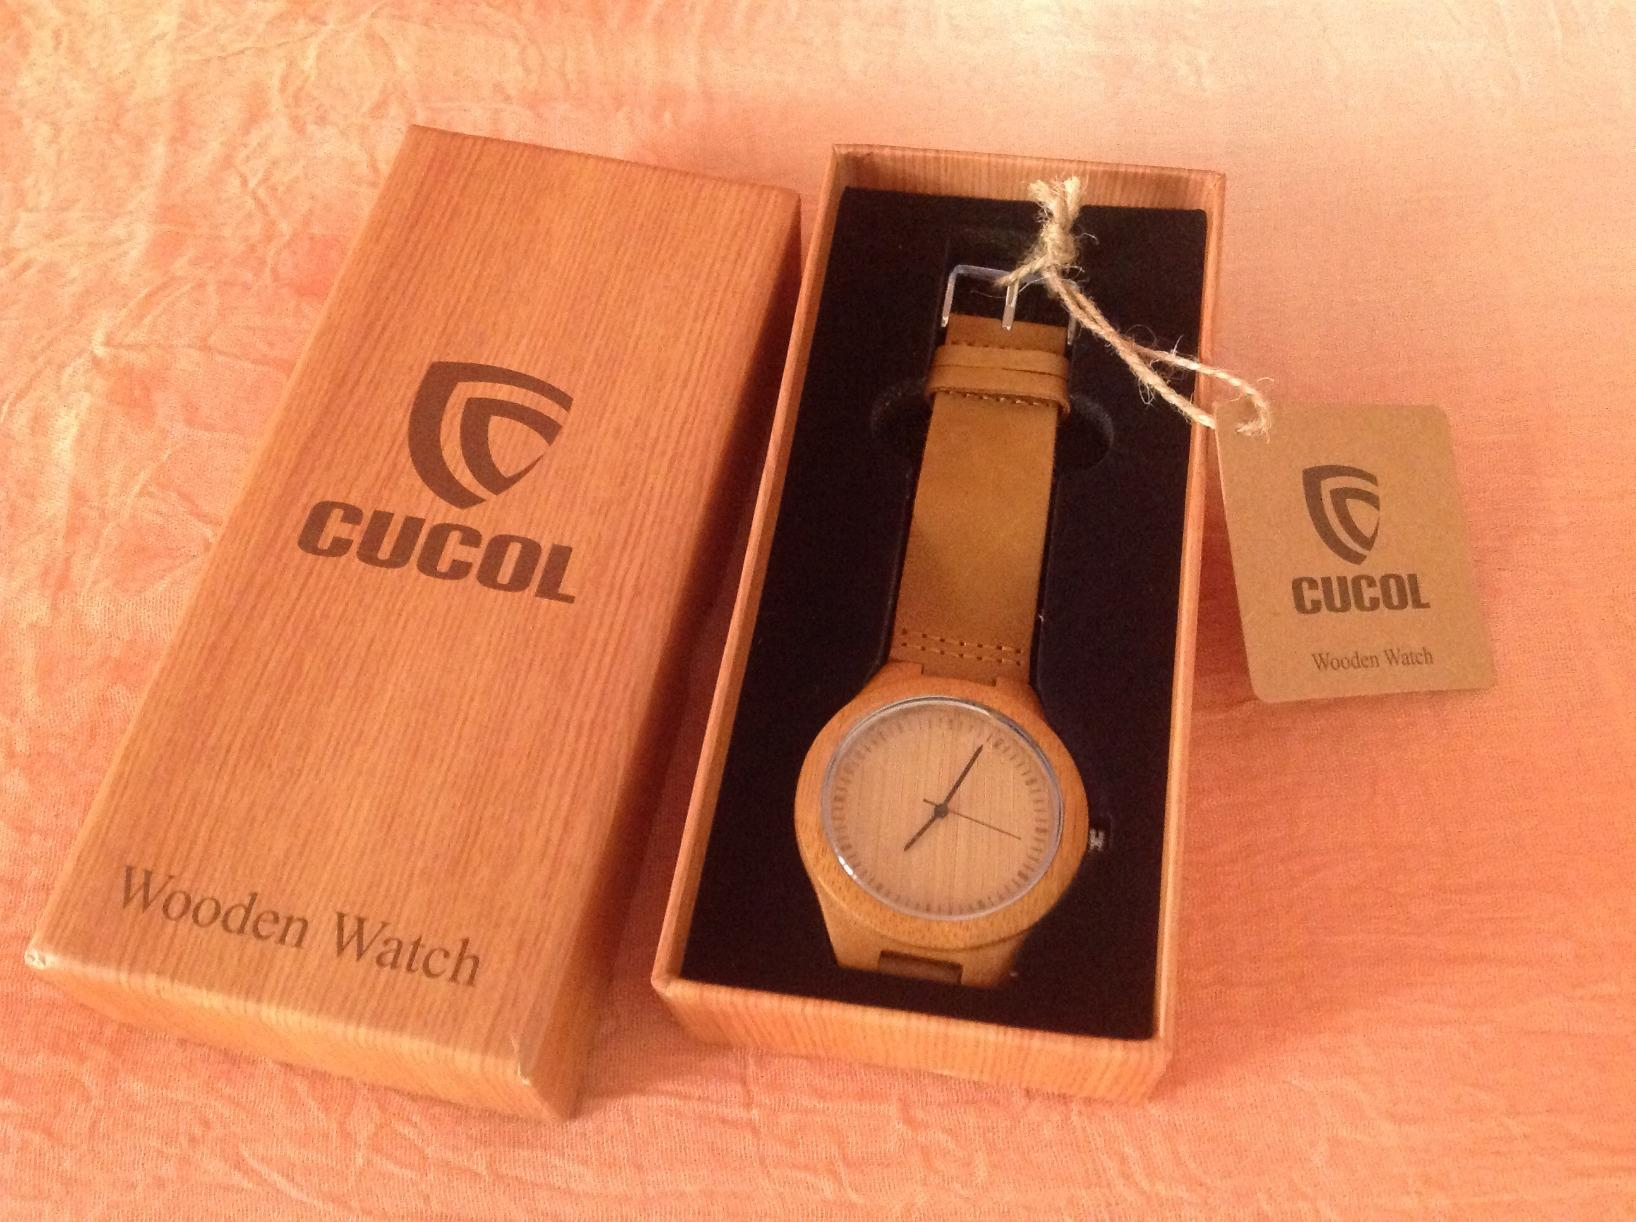 Recensioni e campioncini vari cucol orologio in legno for Orologio legno amazon